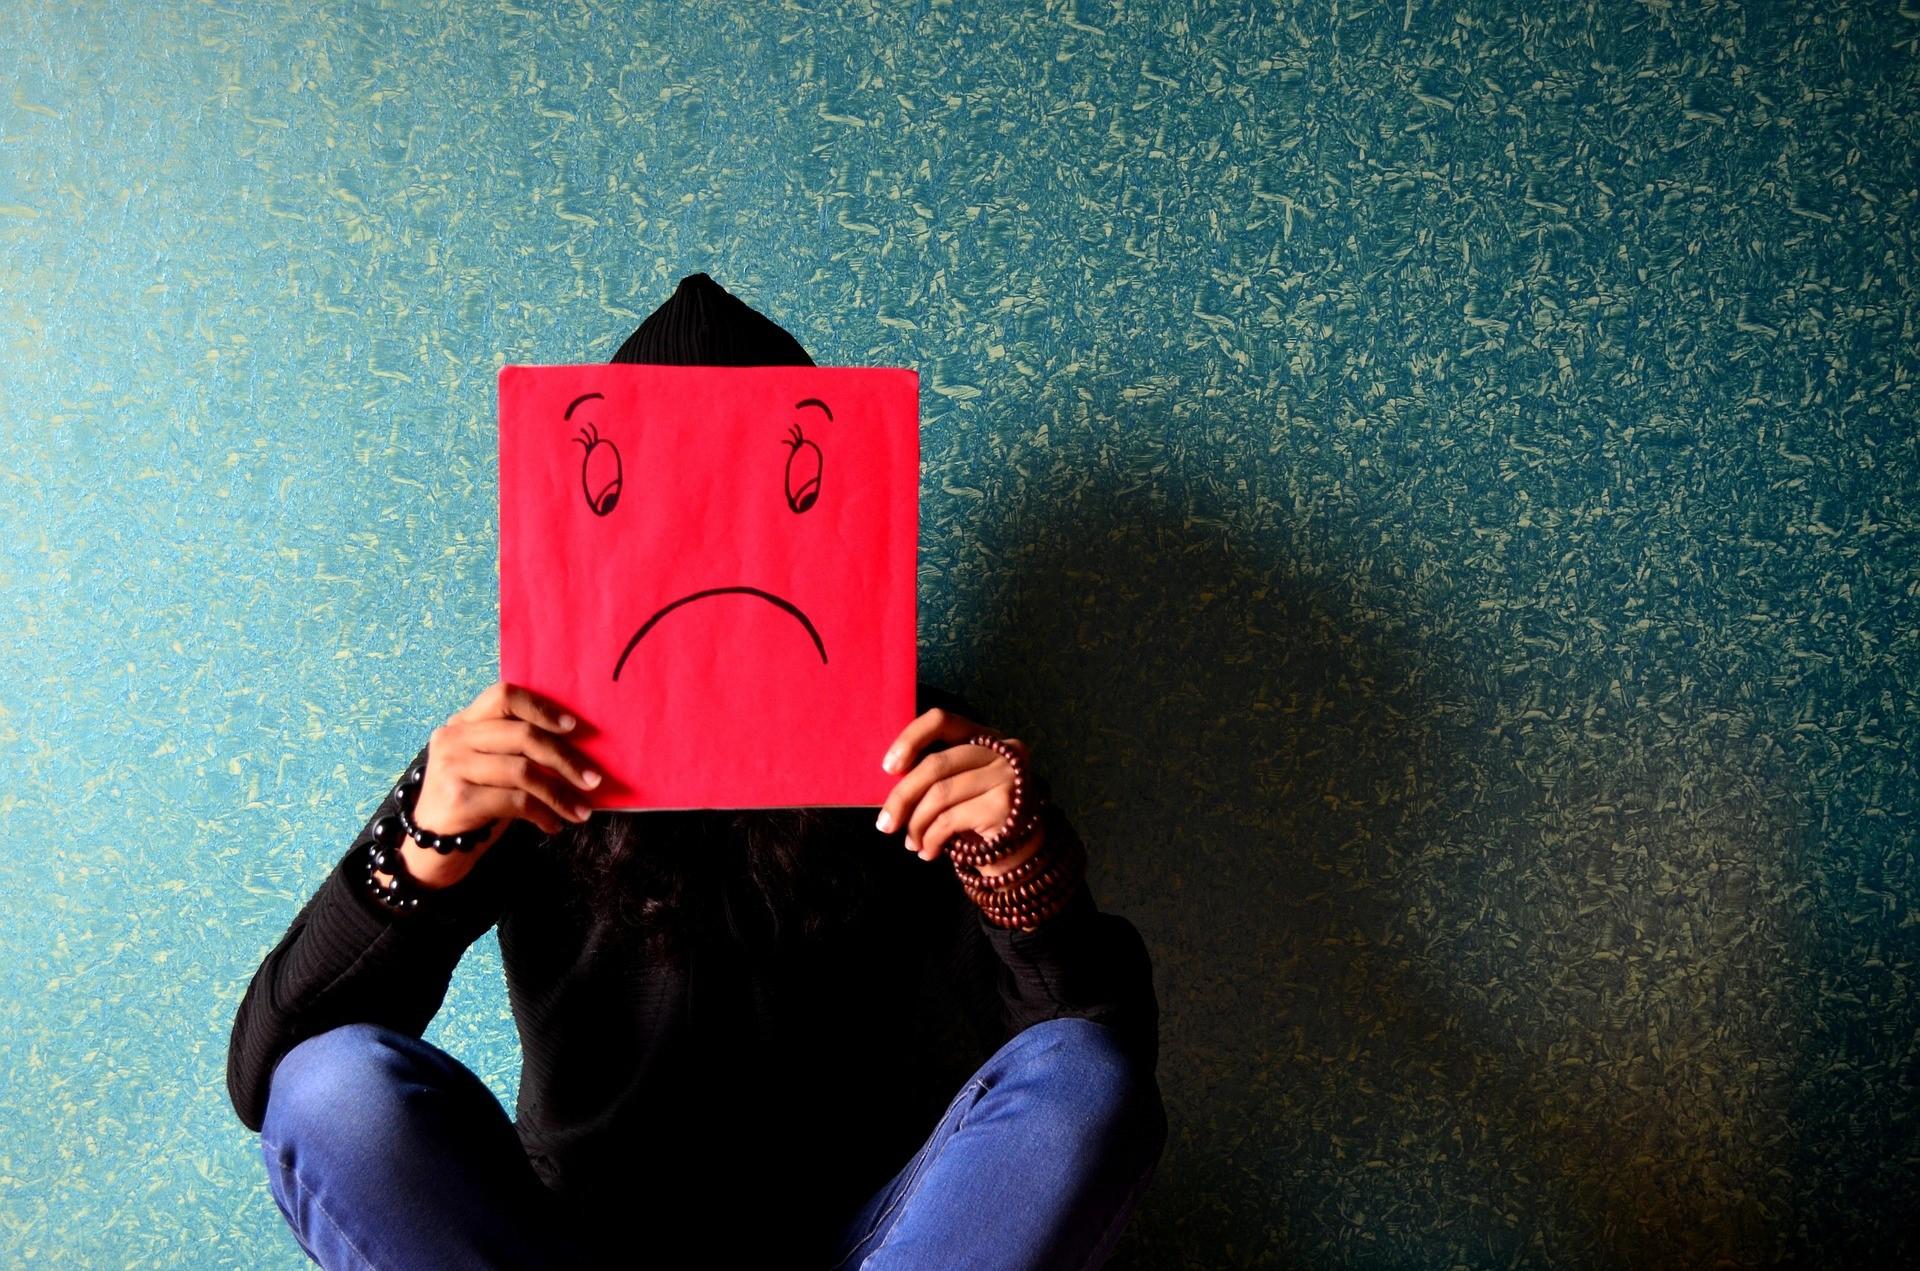 Hoe gaat u om met stress op de werkvloer?